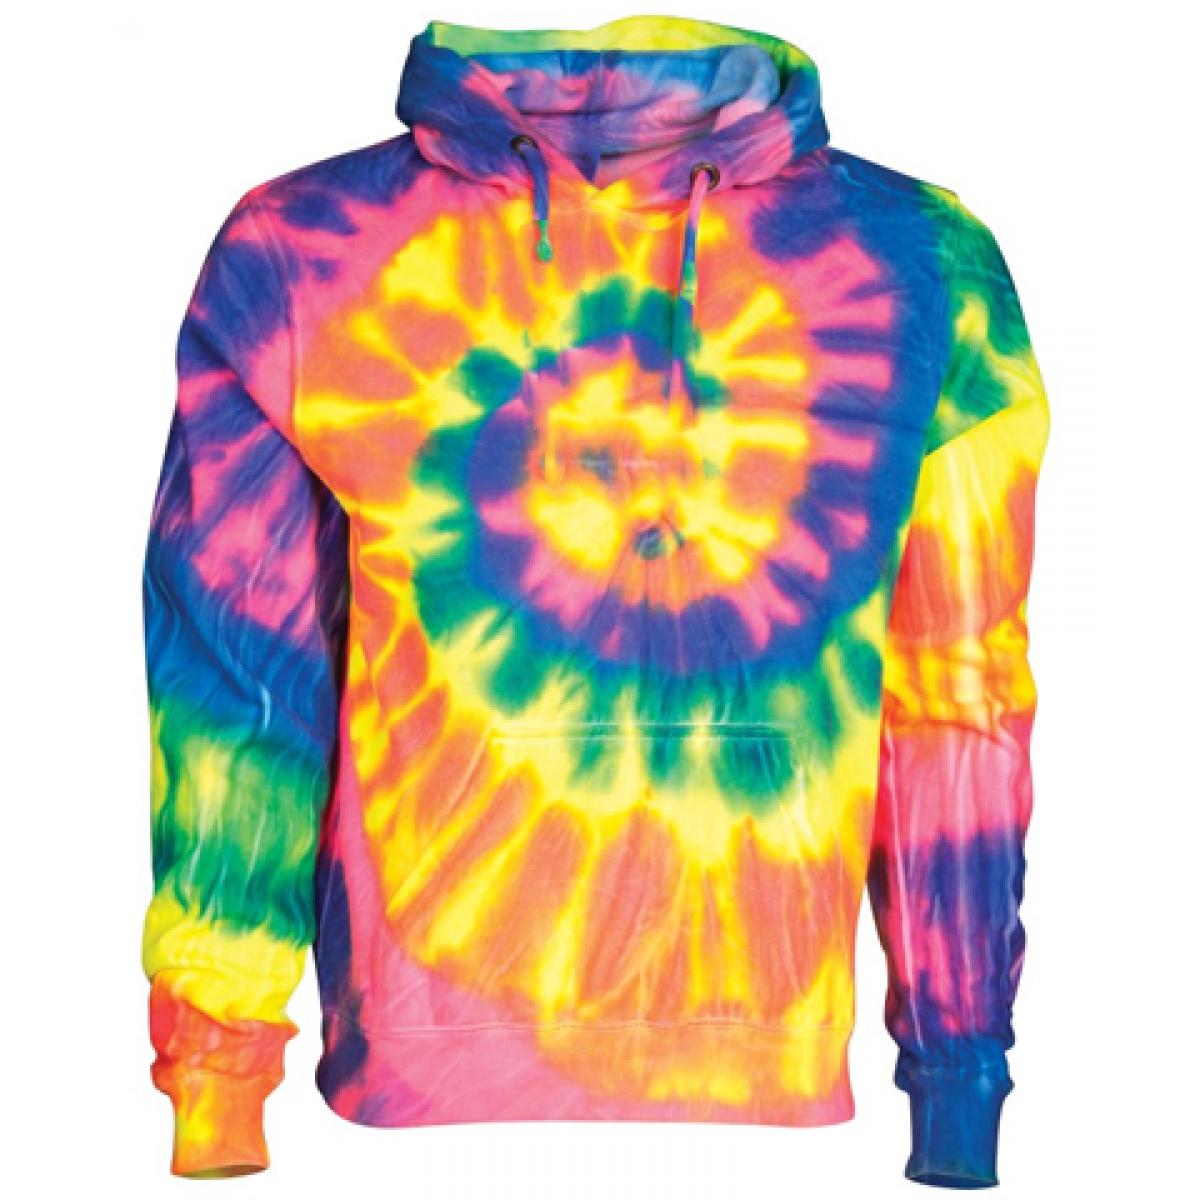 Multi Color Rainbow Tie-Dye Hoodie